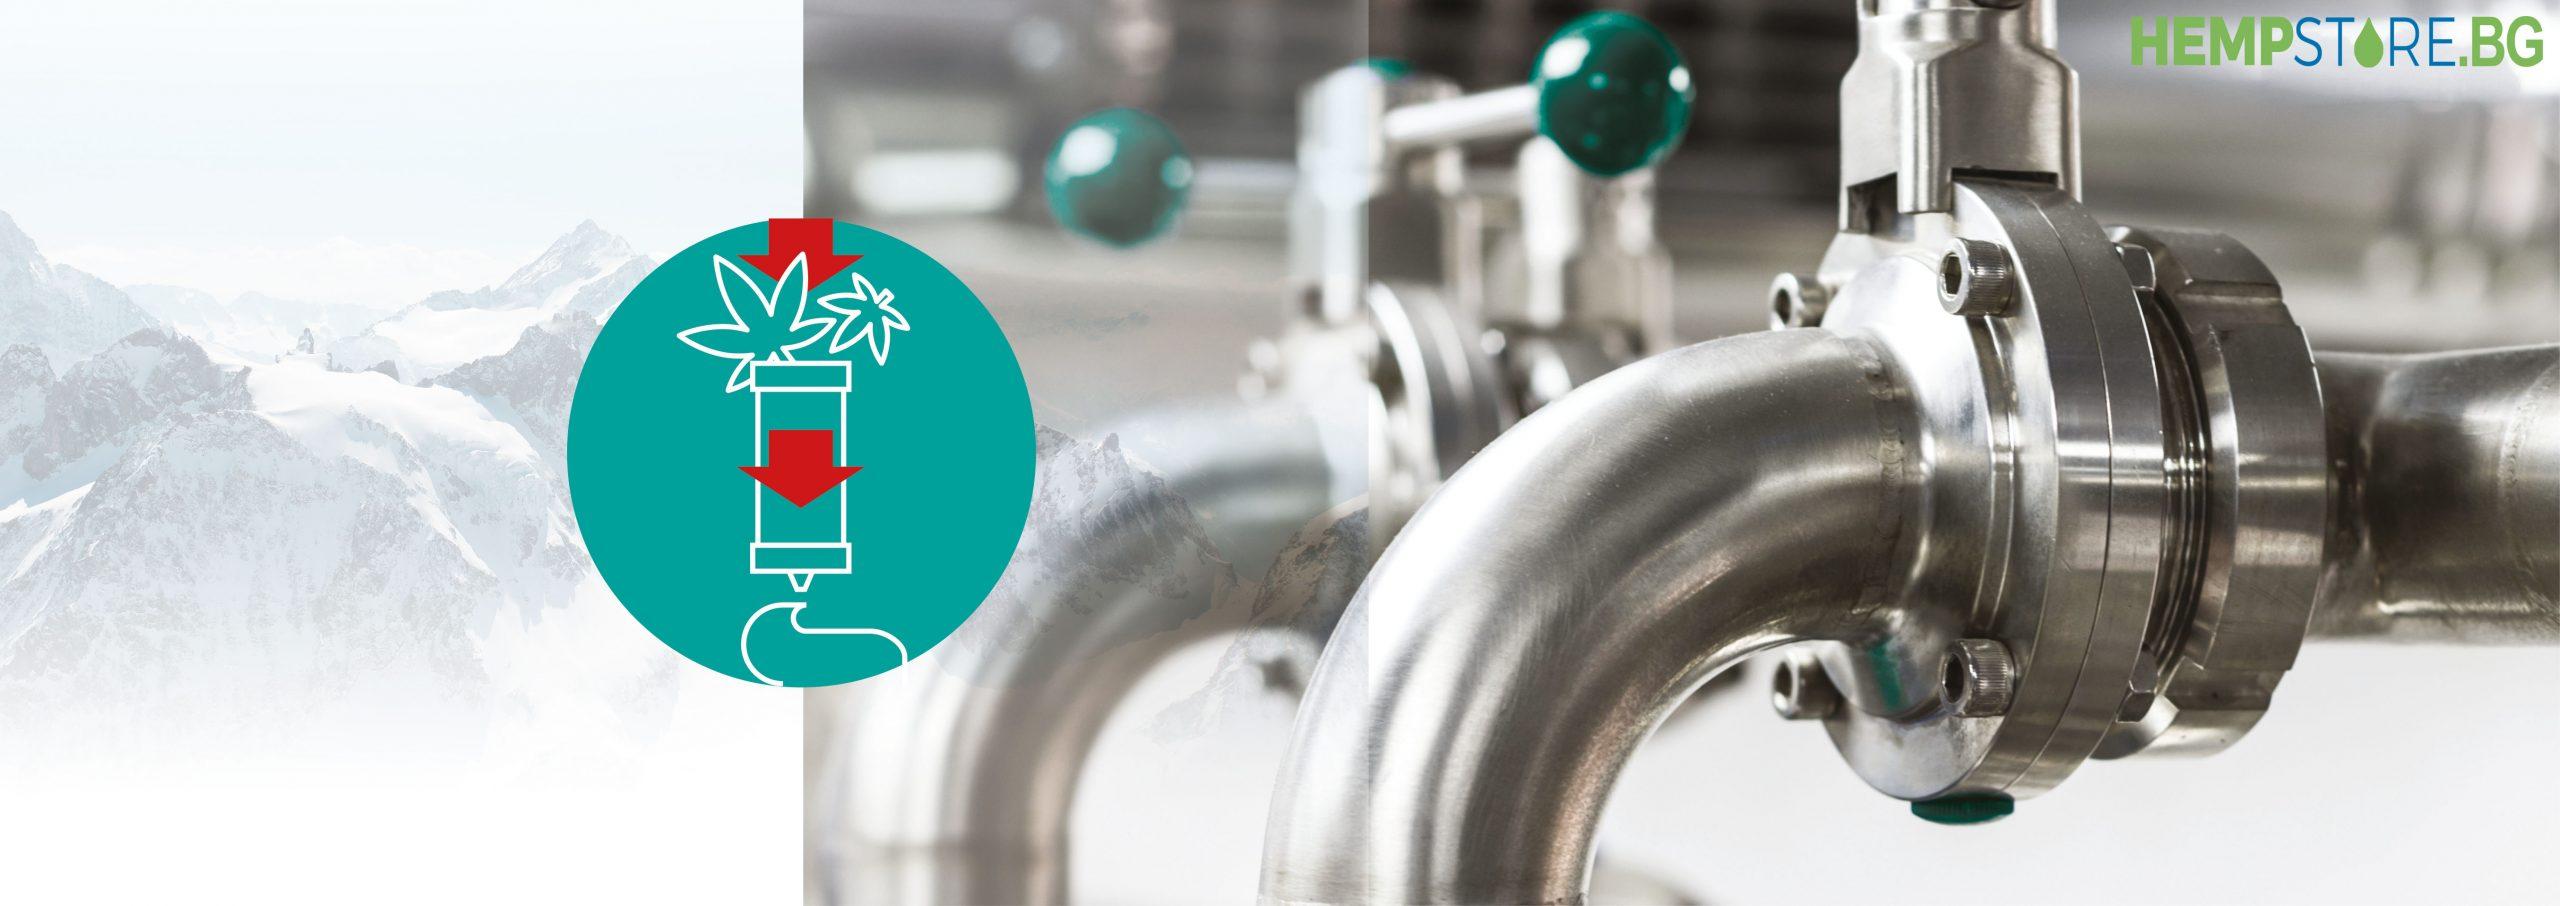 Как да изберем висококачествено CBD масло